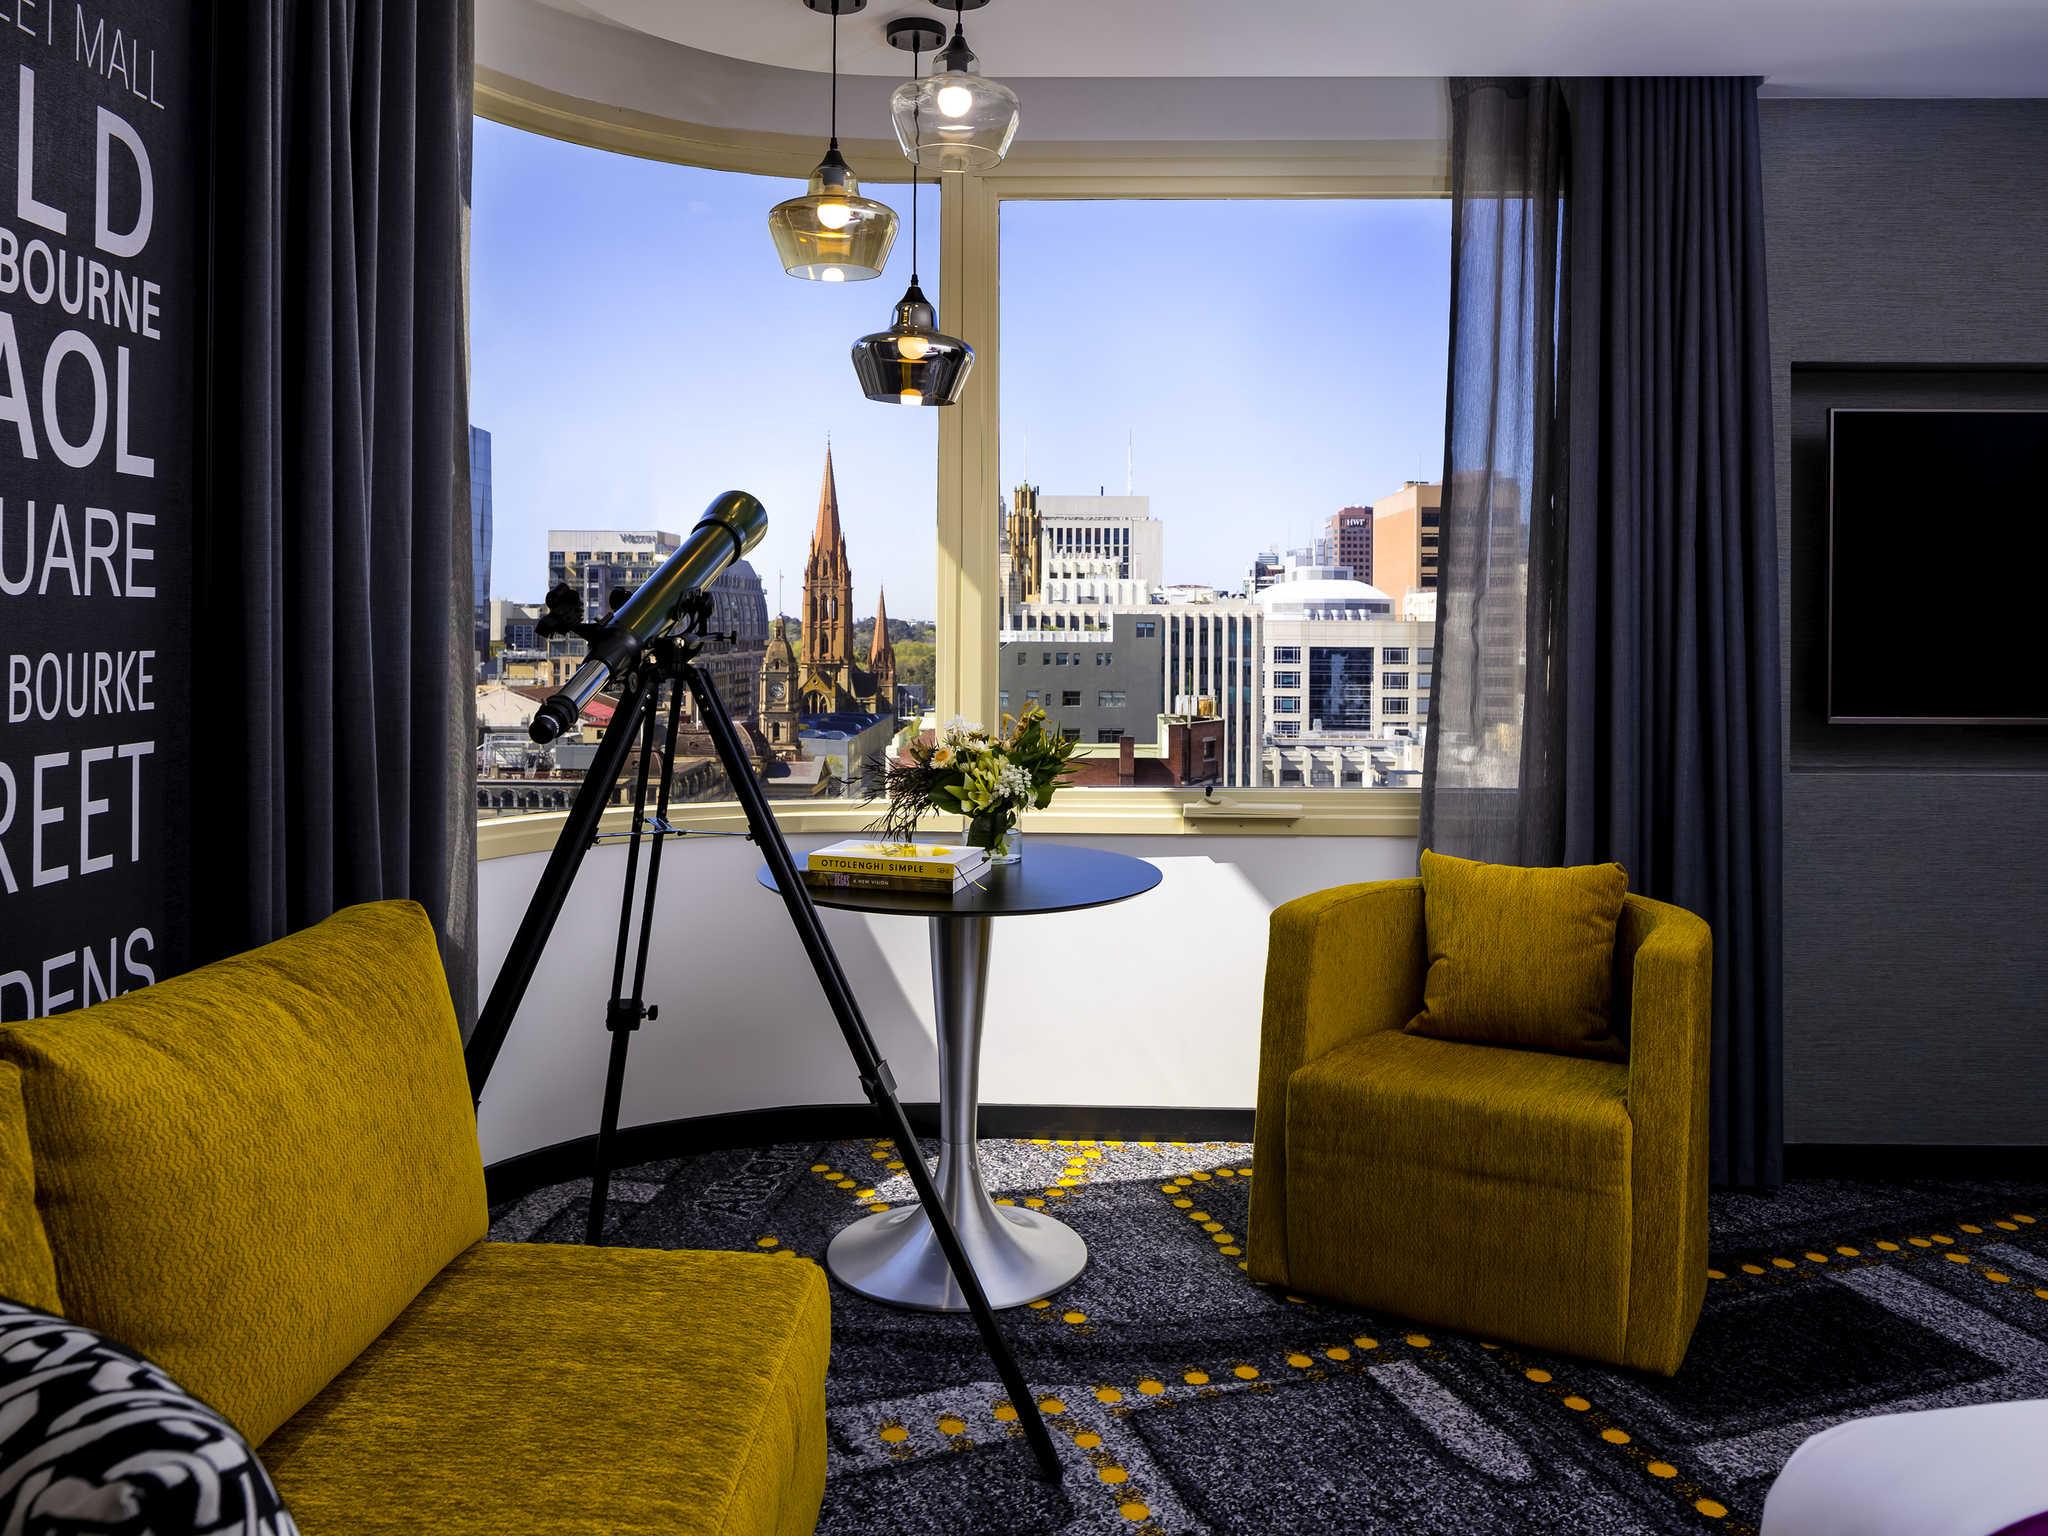 โรงแรม – เดอะสวอนสตั้น โฮเทล เมลเบิร์น แกรนด์ เมอร์เคียว